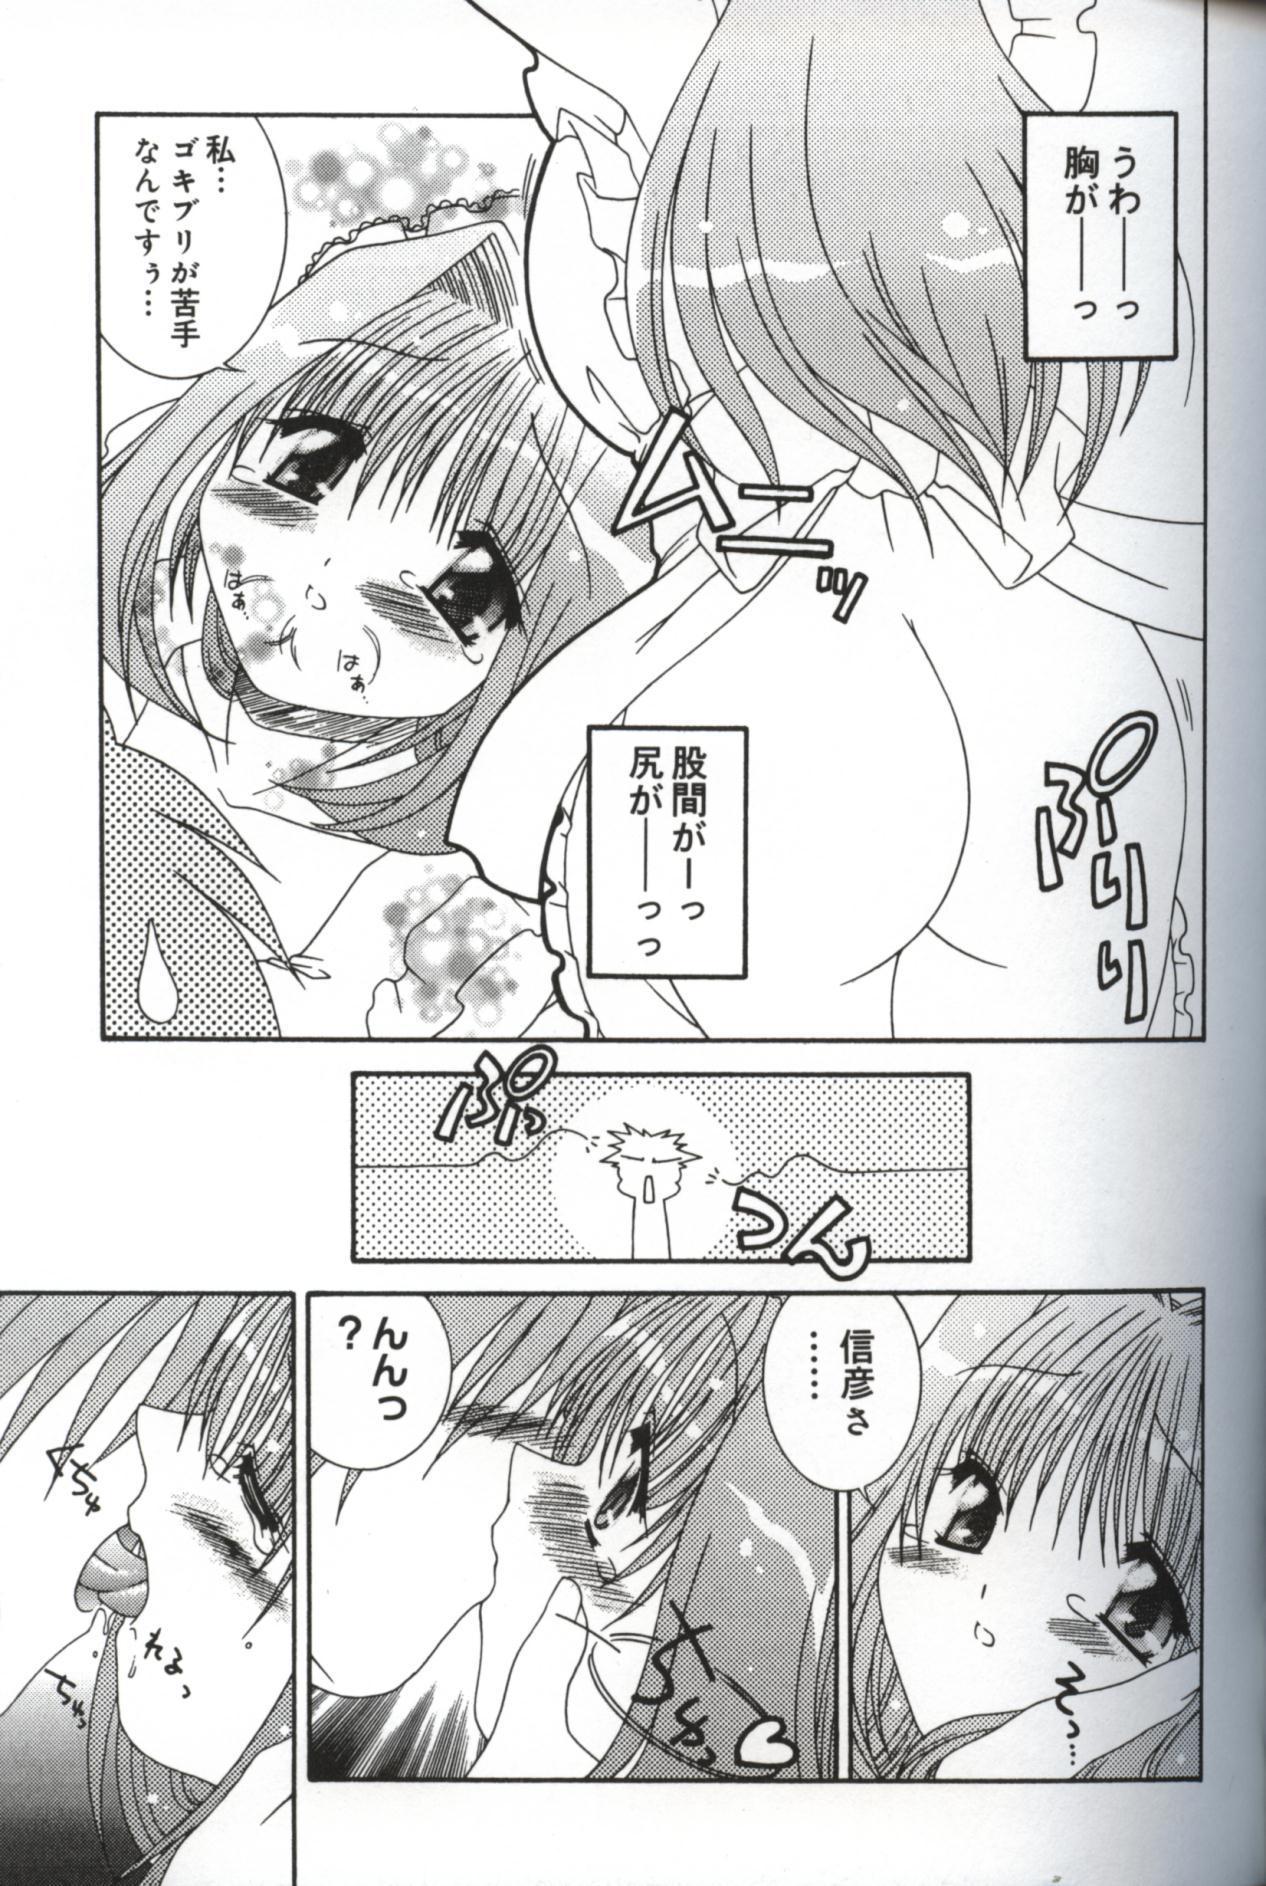 Hatsujou ♡ Oneesama 109